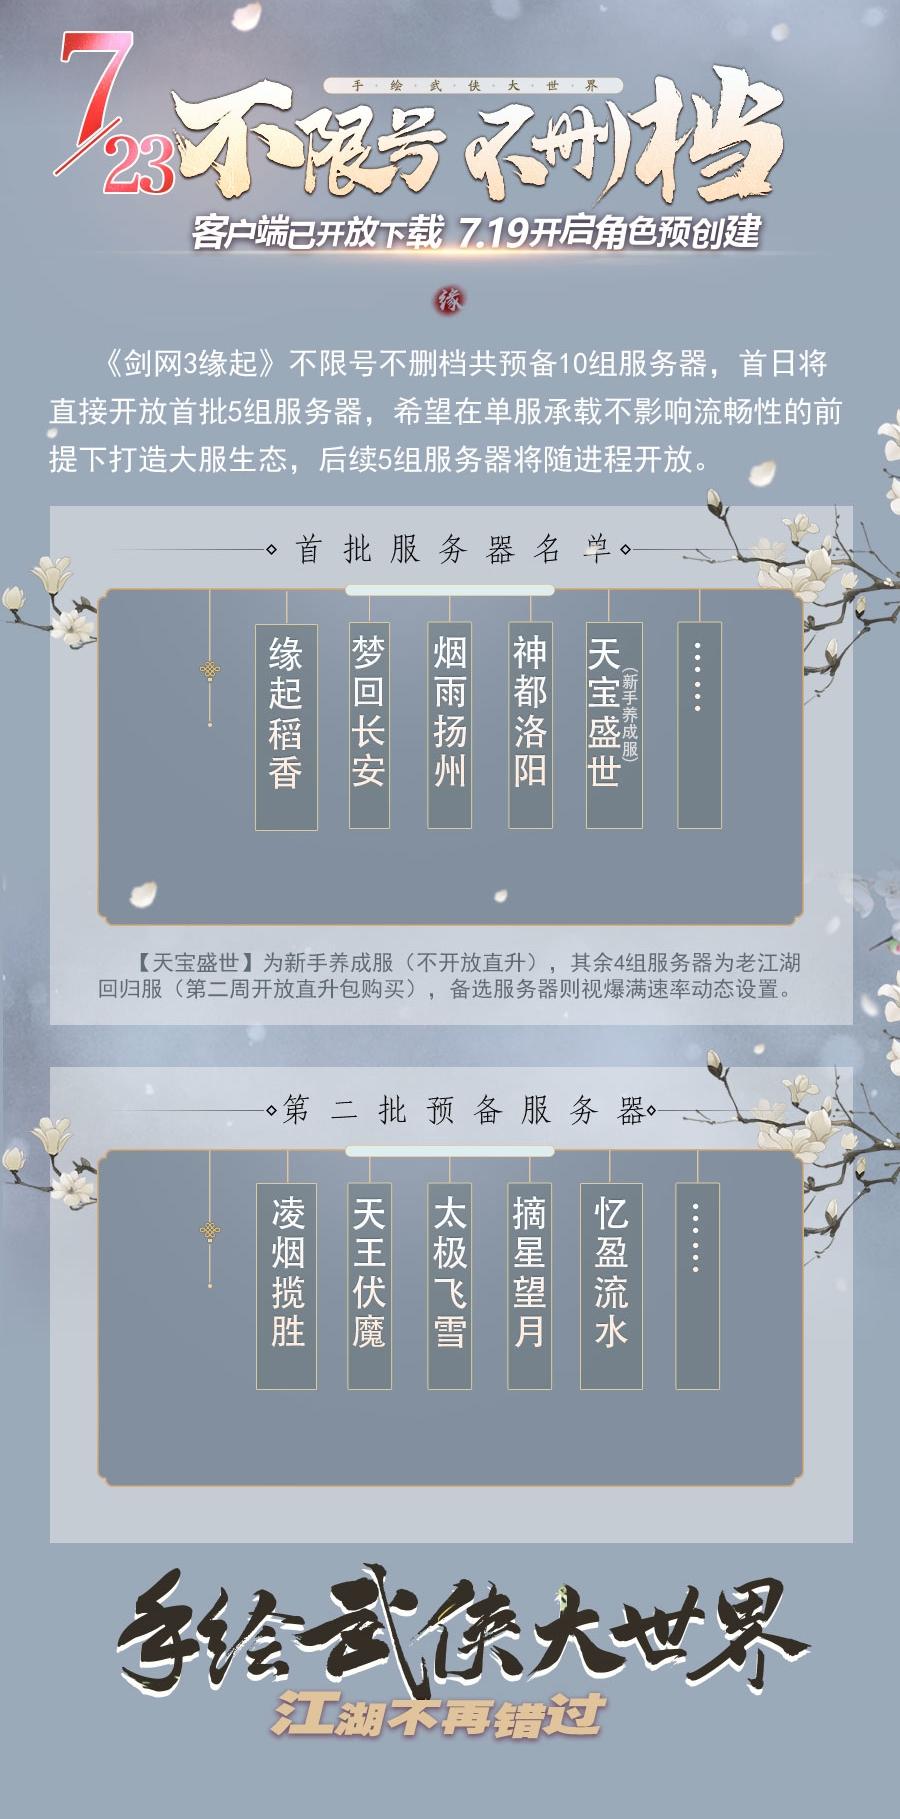 周深戏腔吟唱直击心灵《剑网3缘起》主题曲《江湖缘起》全网上线